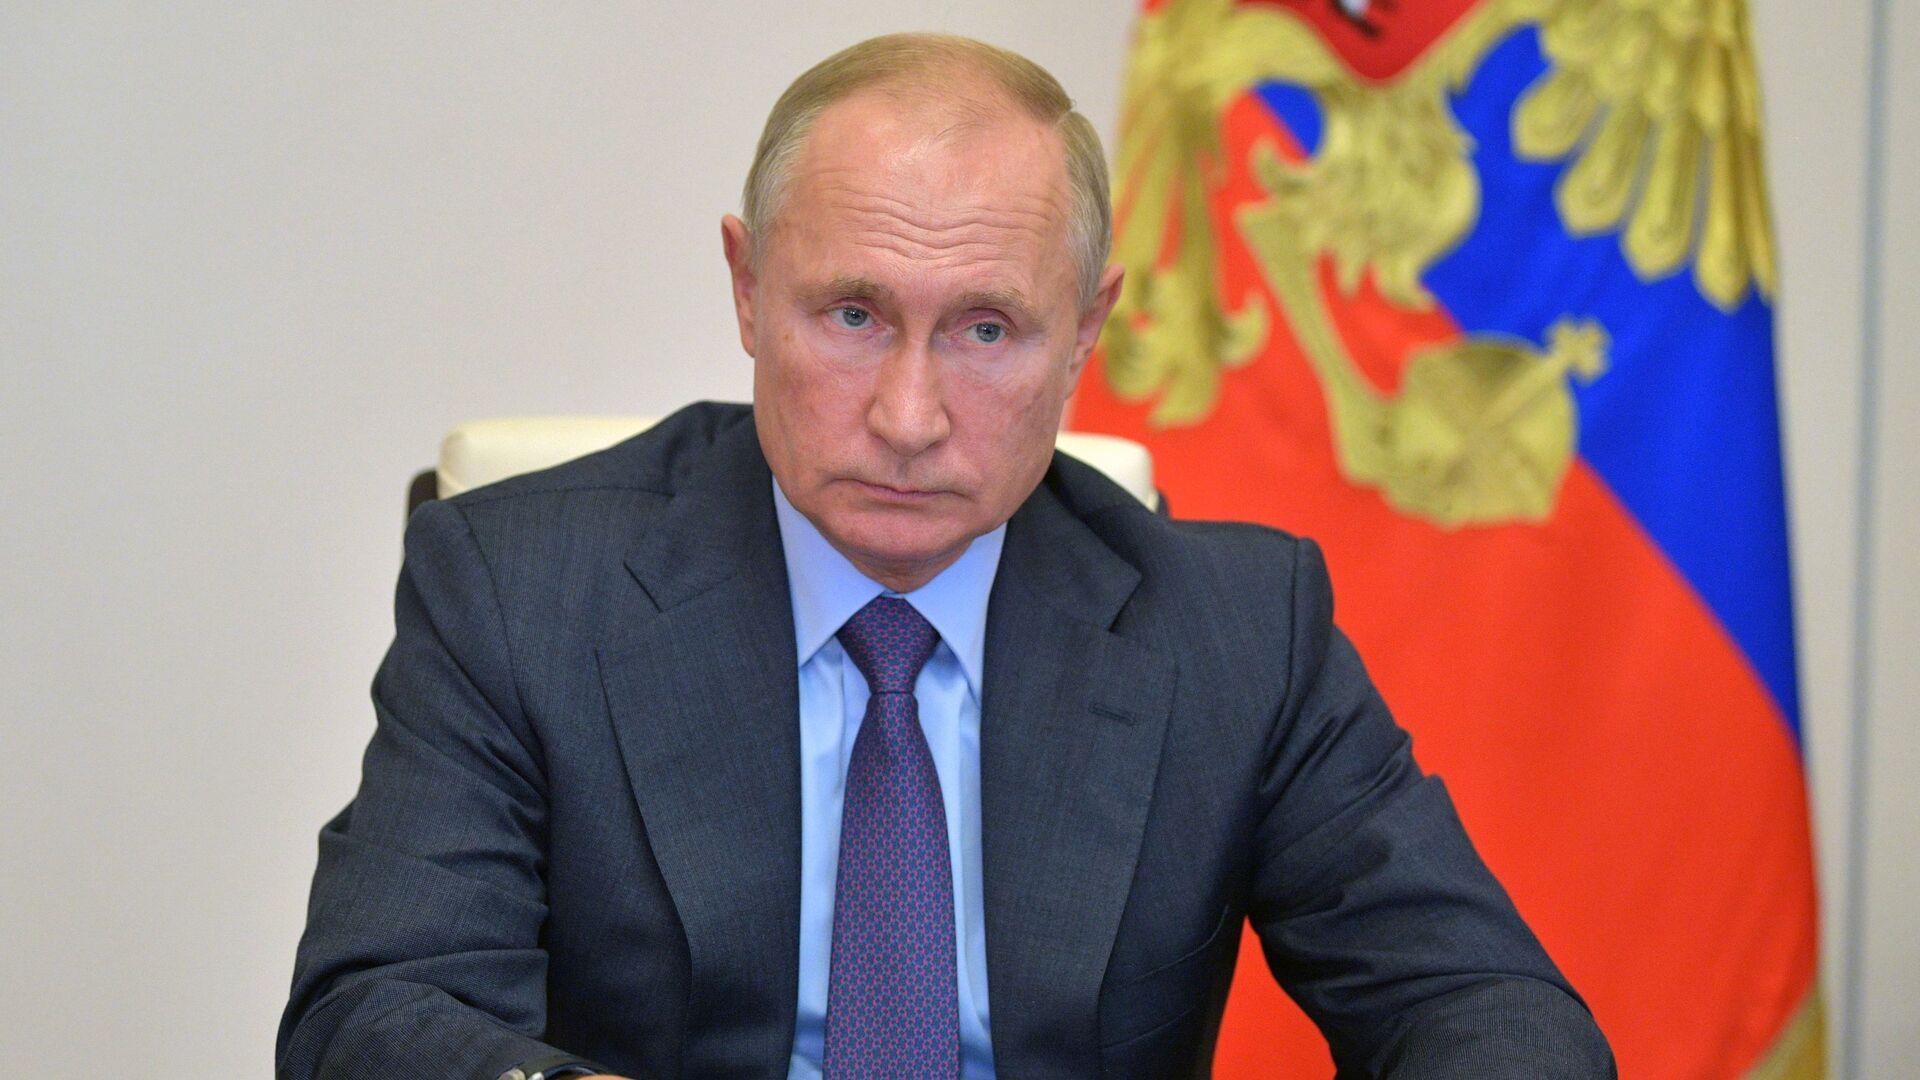 Ruský prezident Vladimir Putin - Sputnik Česká republika, 1920, 22.08.2021